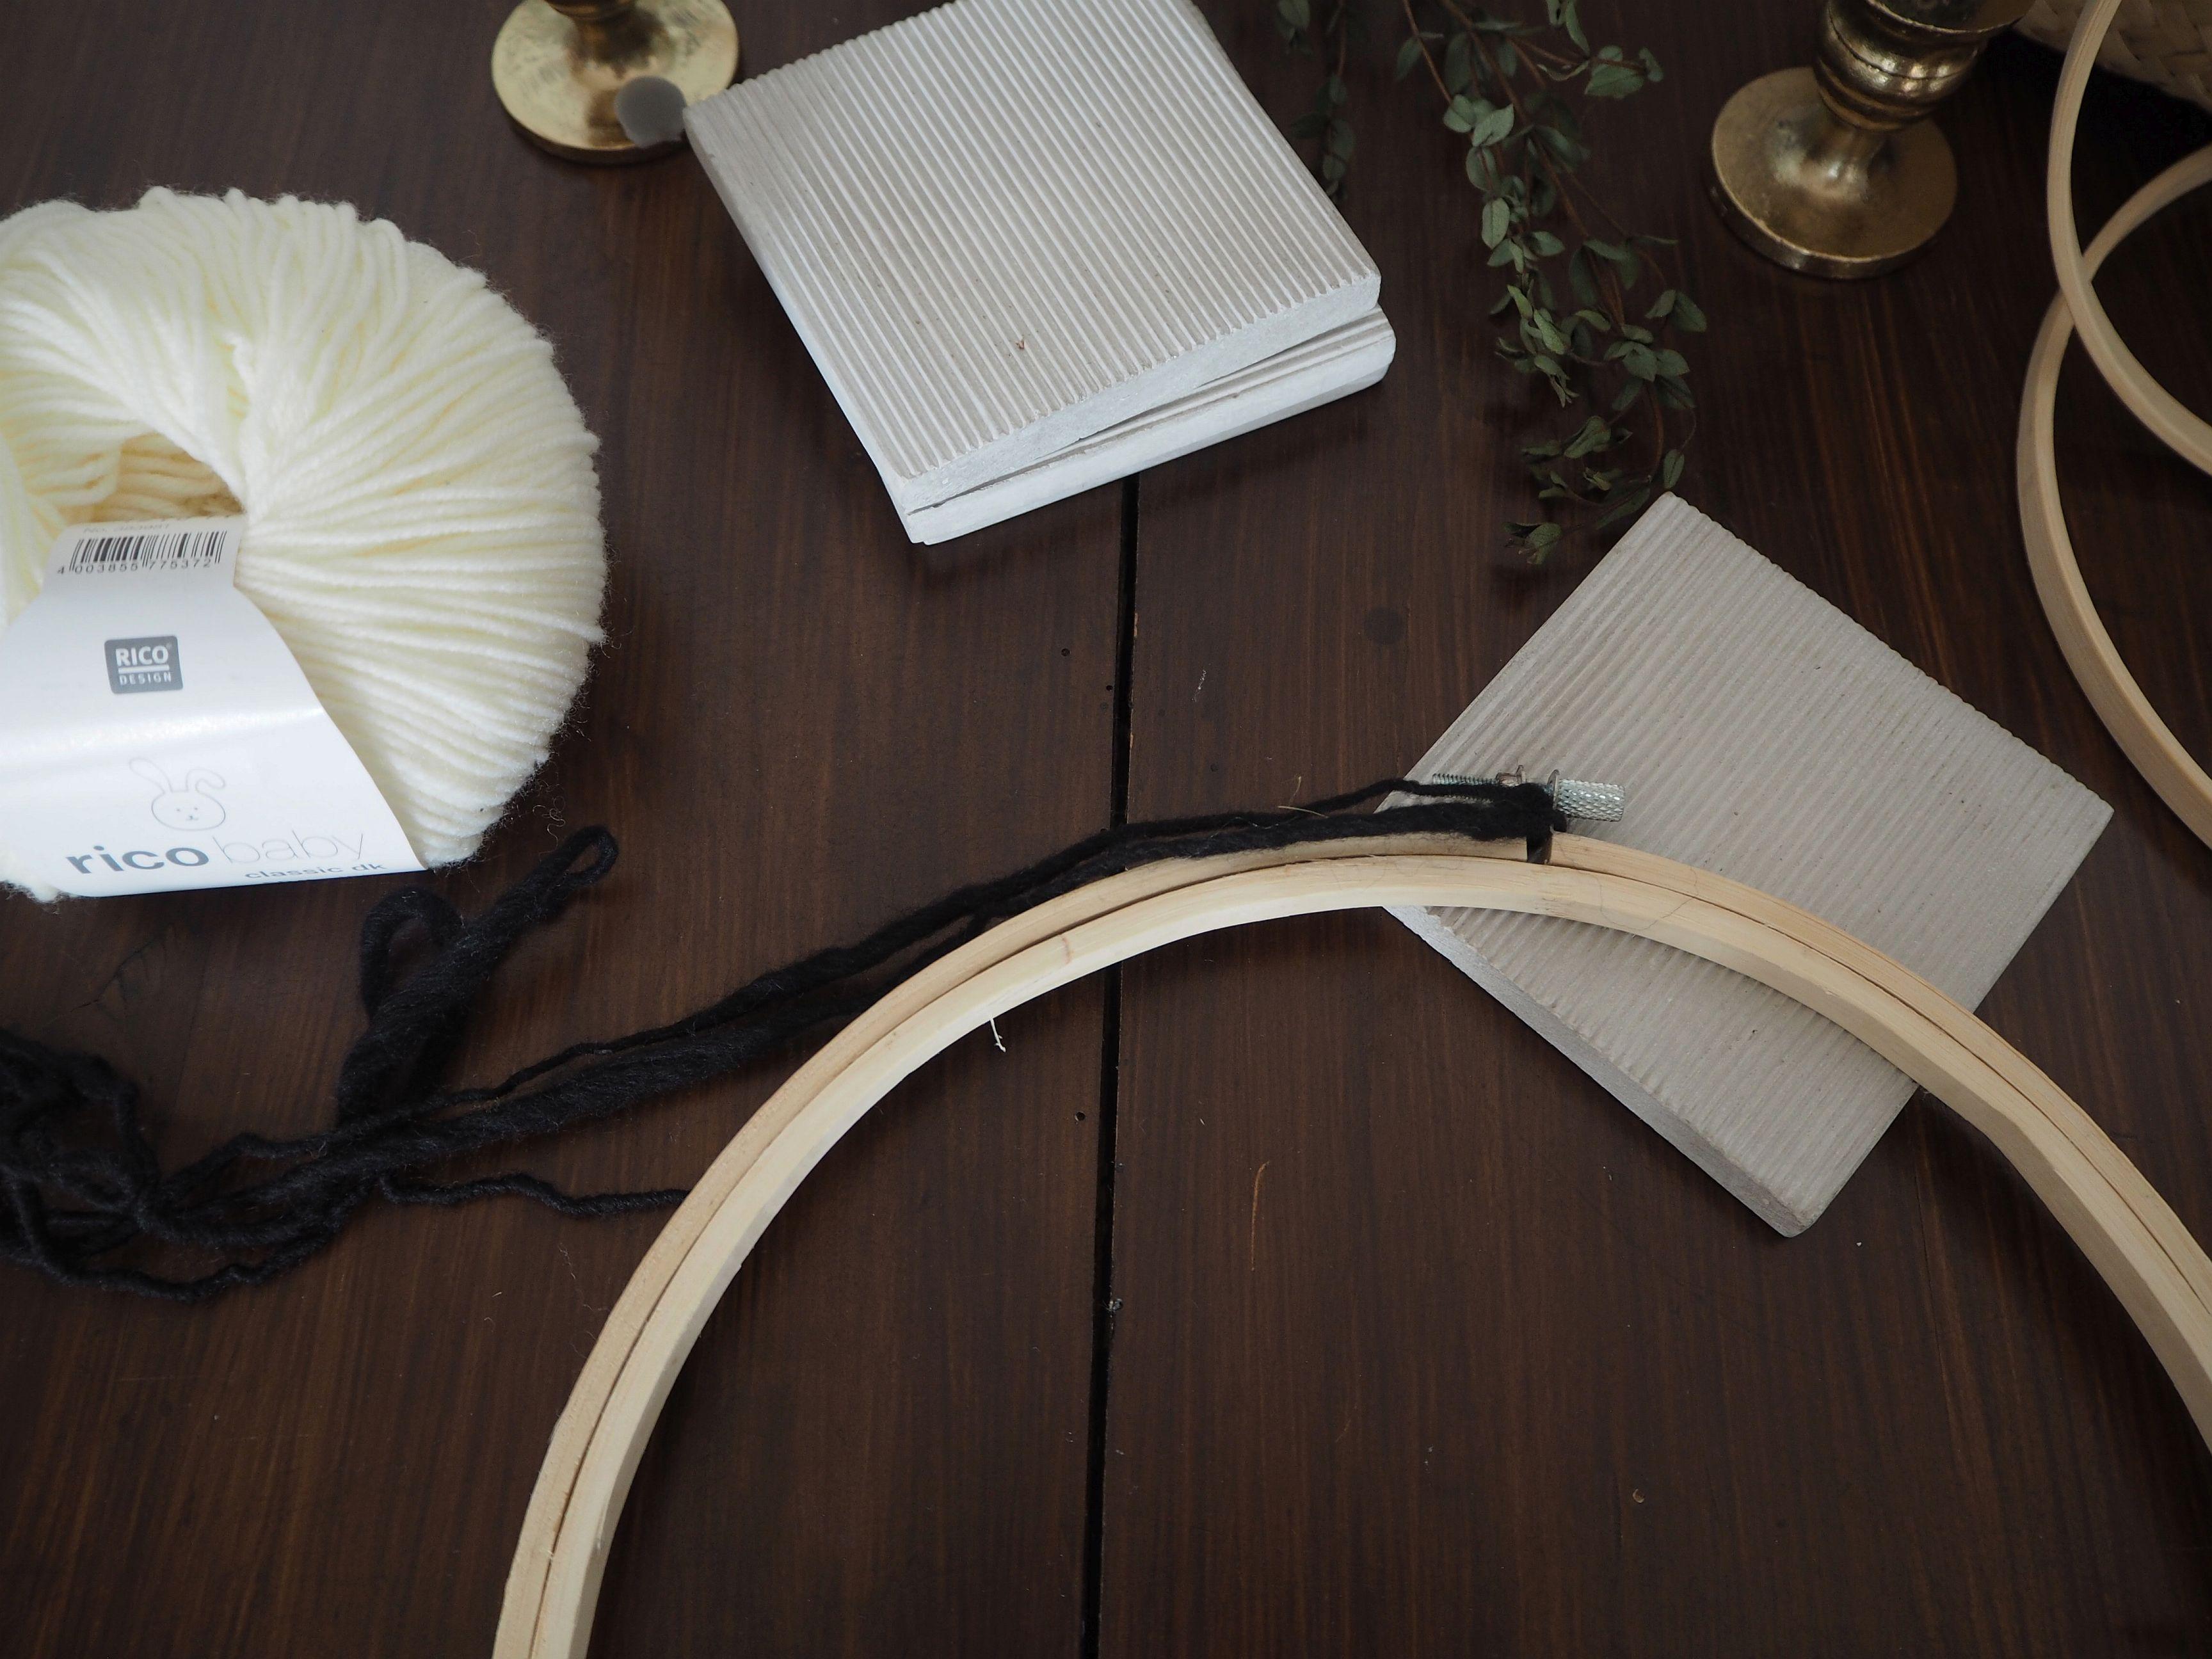 2018-01-skoen-och-kreativ-diy-interior-deko-wand-objekt-wall-hanging-skandi-stil (18)